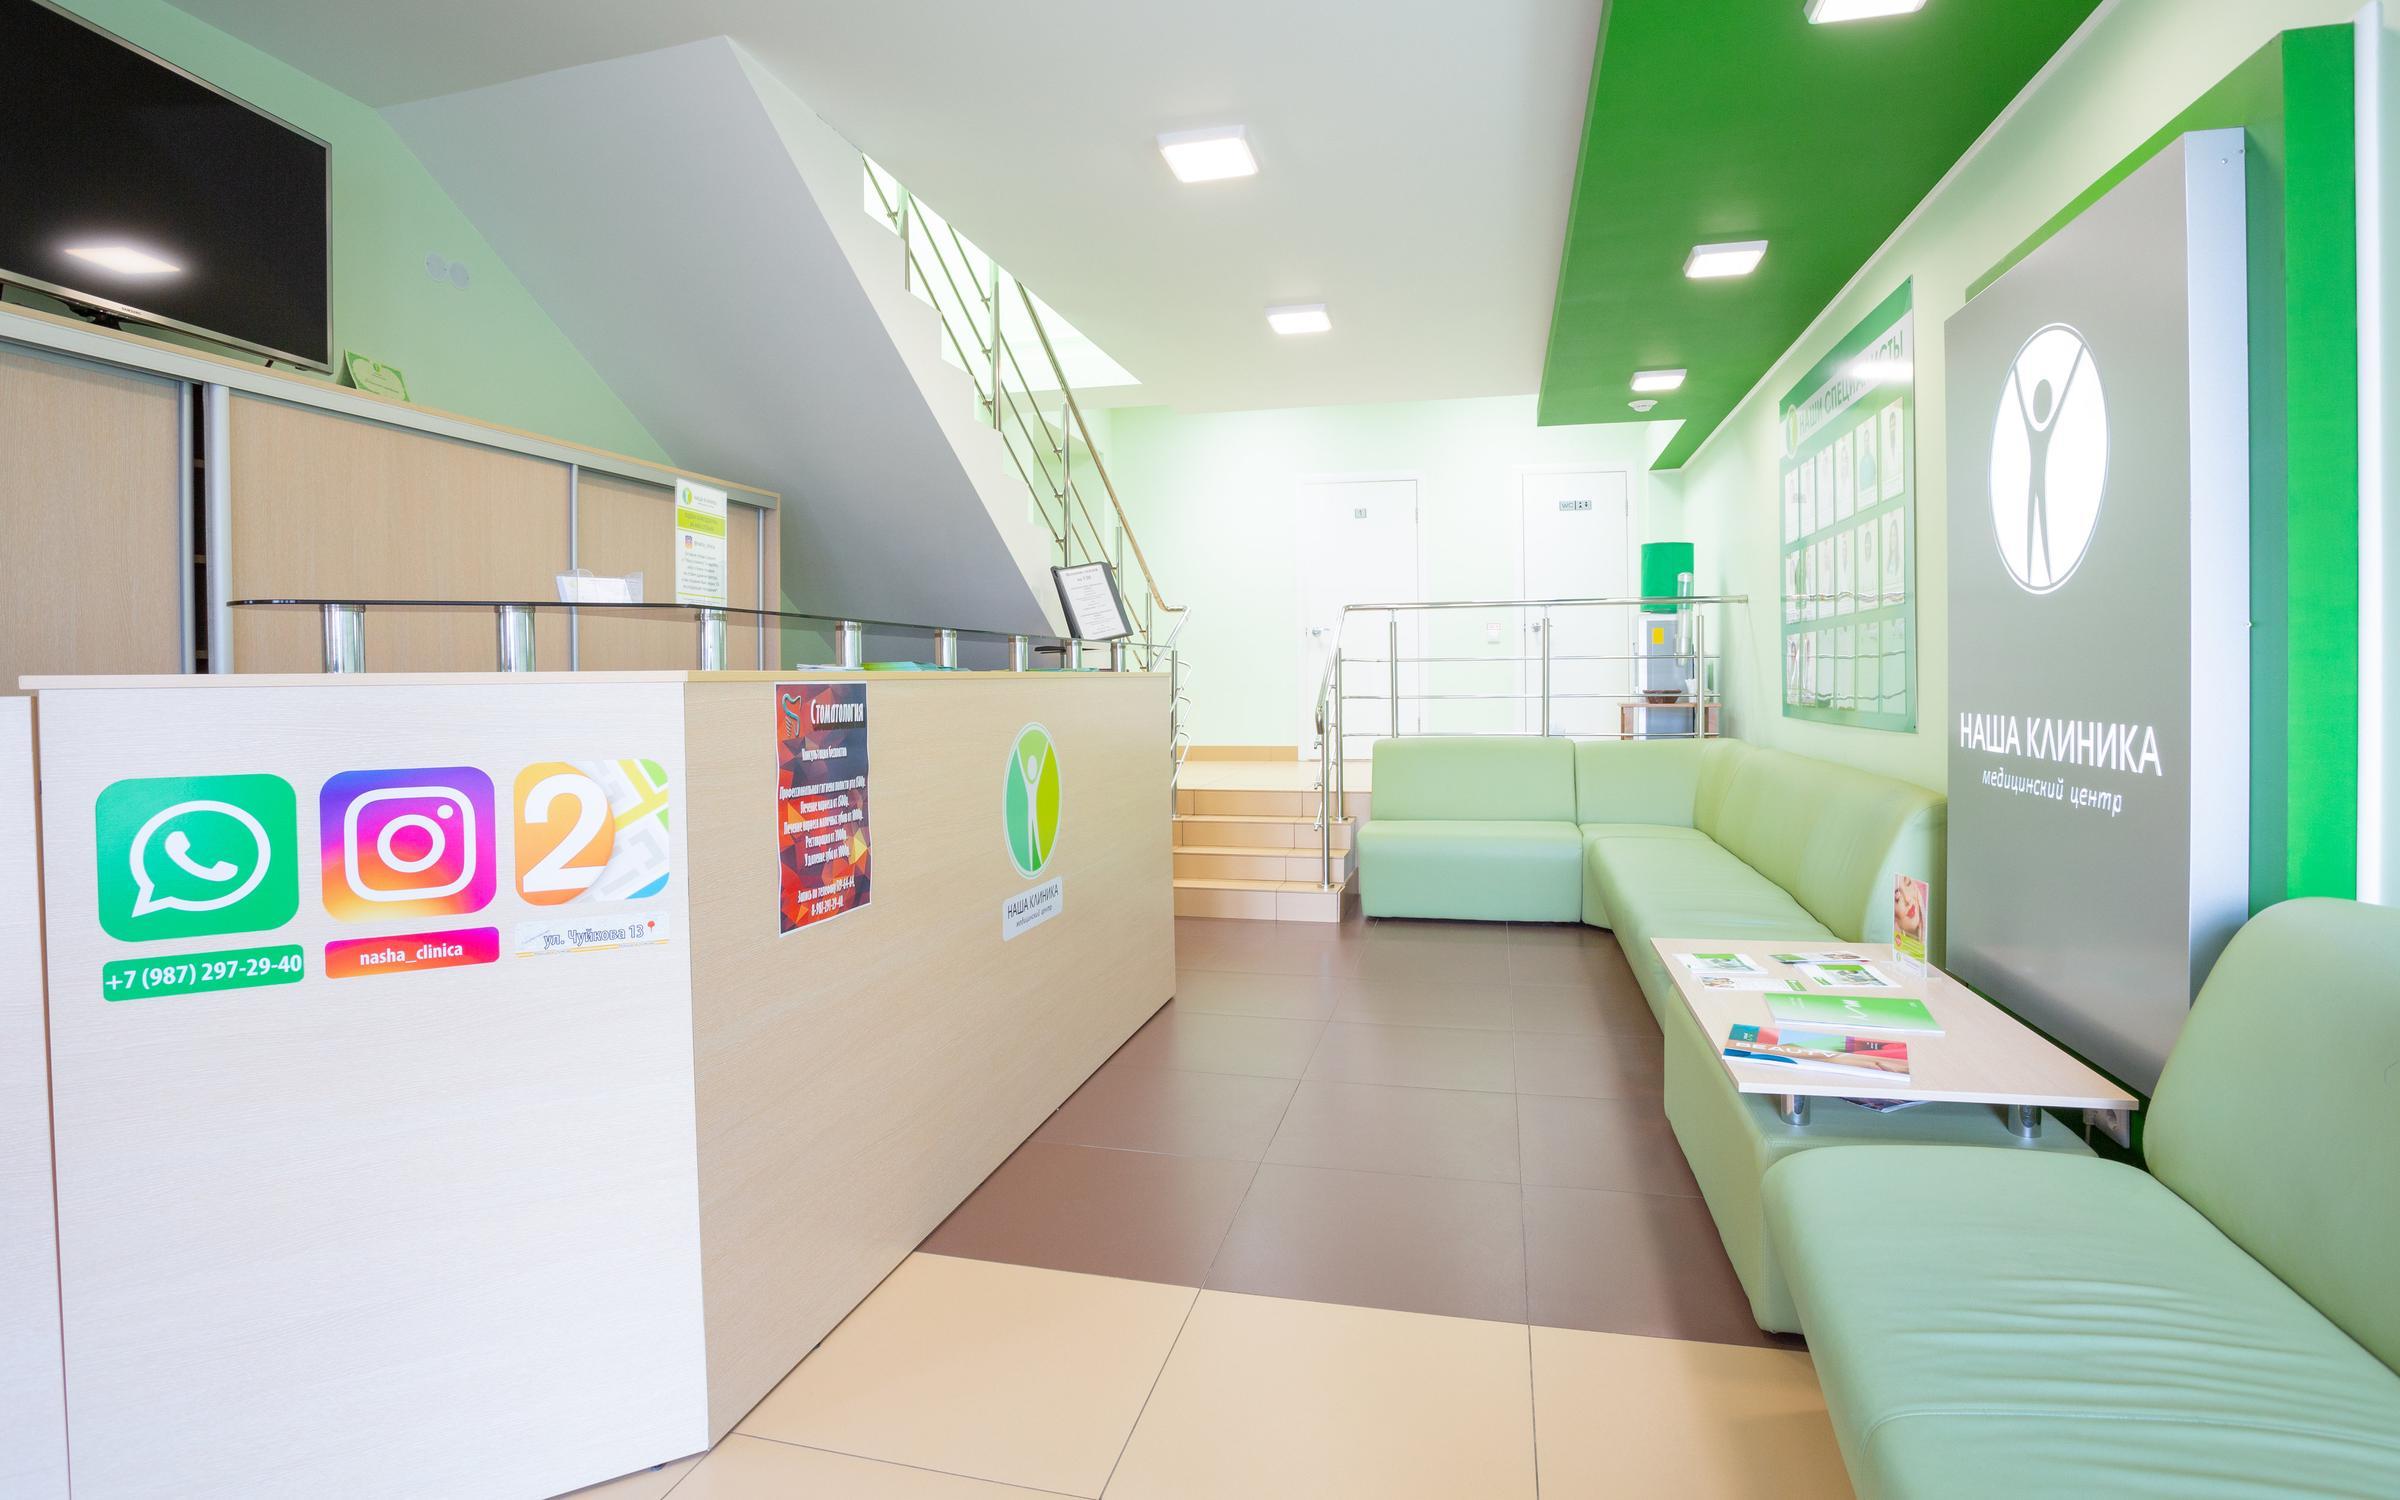 фотография Медицинского центра и стоматологии Наша клиника на улице Маршала Чуйкова